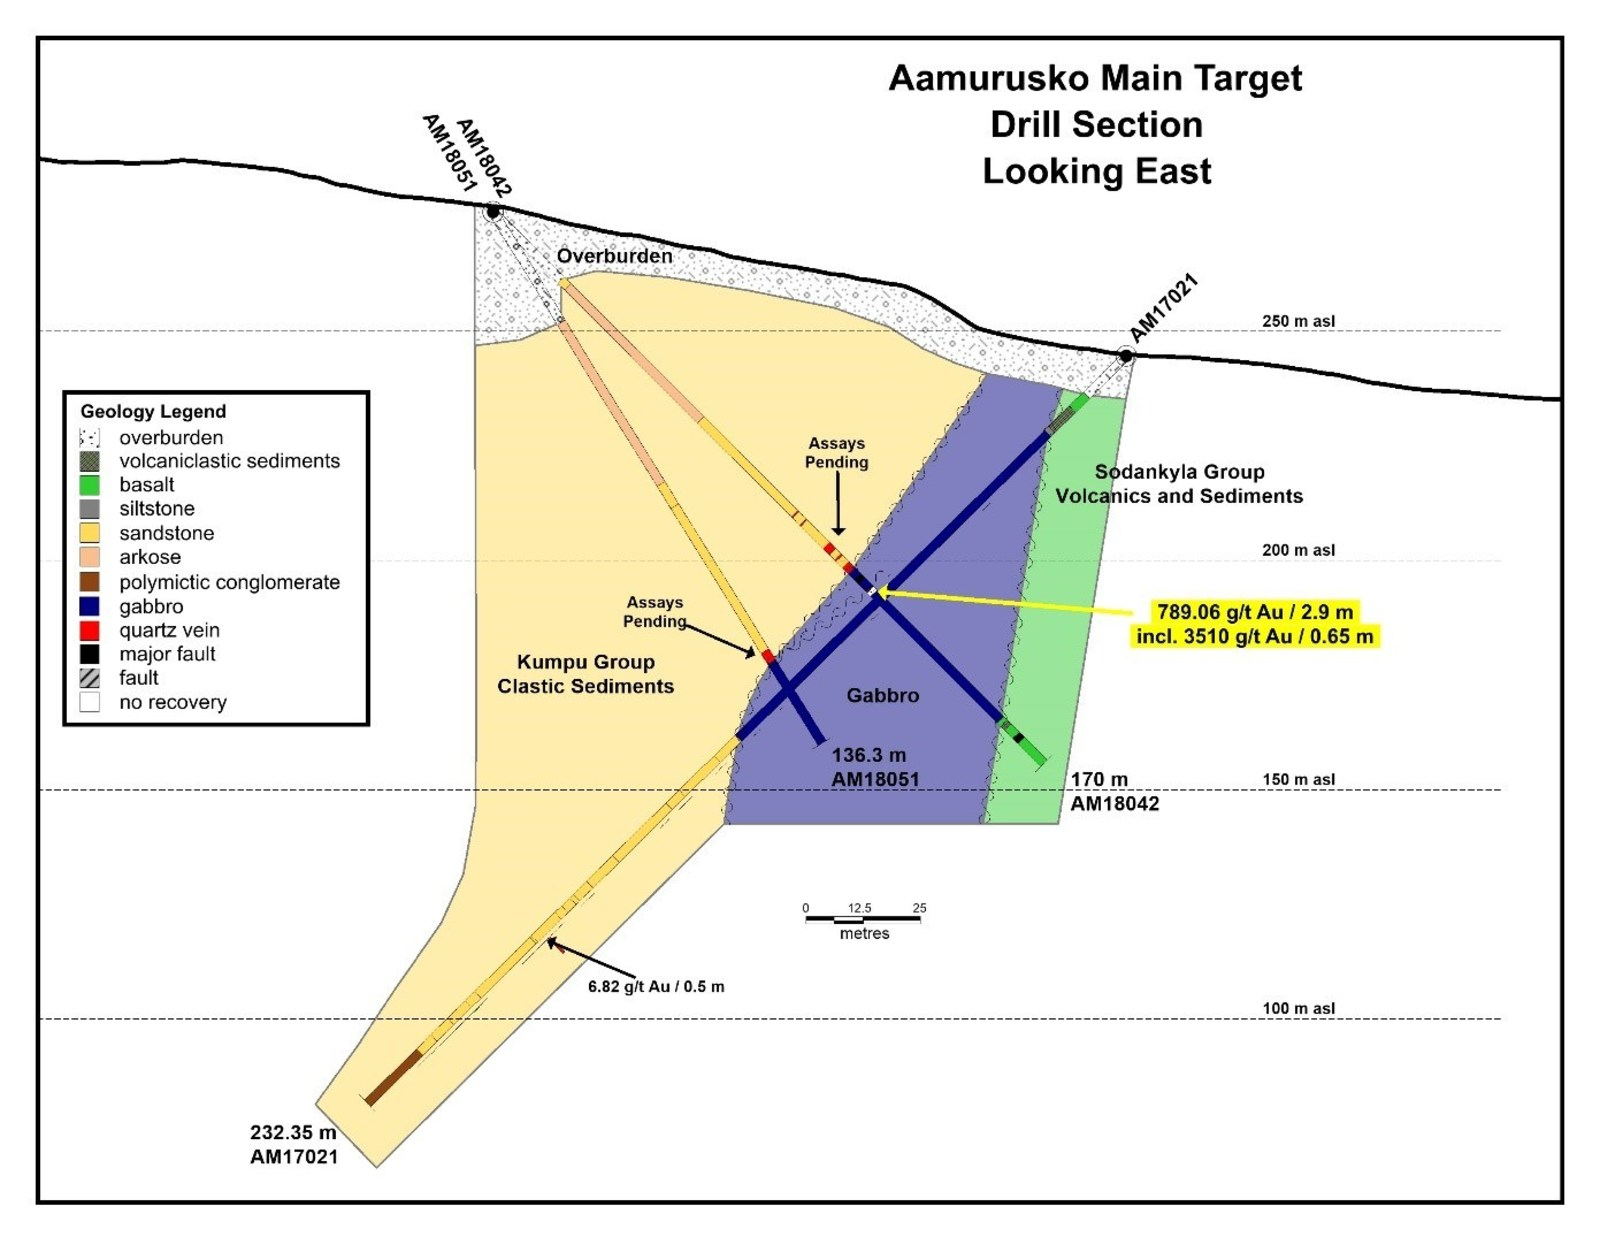 Aamurusko Main Target Drill Section